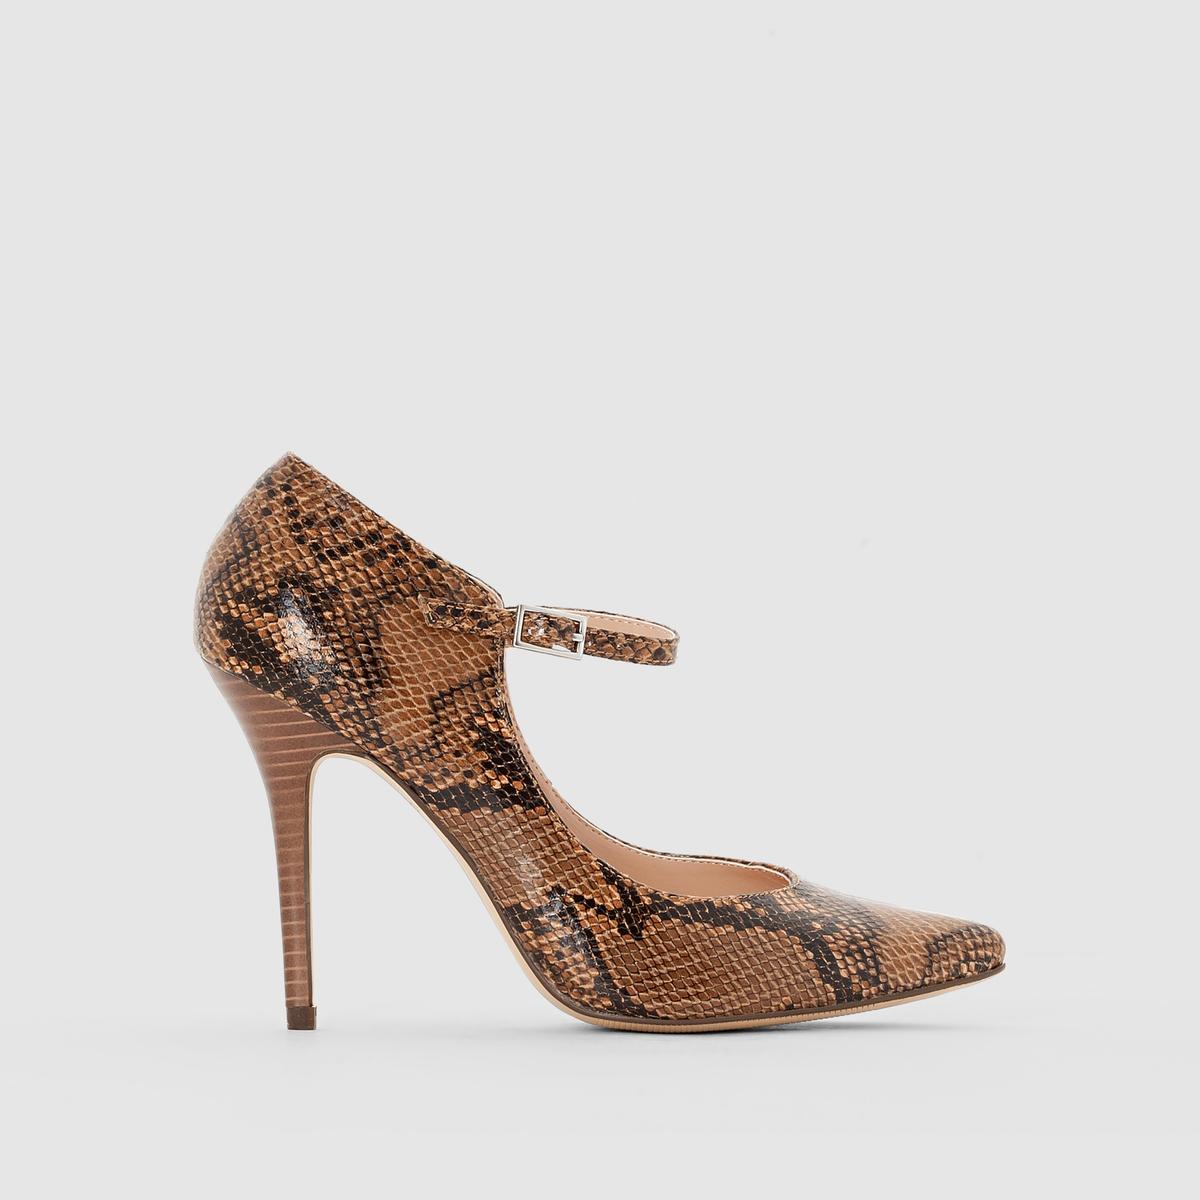 Туфли с пряжкой и рисунком под кожу питонаМарка :      R ?ditionВерх : синтетика.Подкладка : синтетика.Стелька : синтетика.Подошва : из эластомераВысота каблука : 10,5 cм  Форма каблука: тонкийМысок : заострённыйПреимущества : женственная модель и высокий каблук создадут ошеломляющий силуэтМы советуем выбирать обувь на размер больше, чем ваш обычный размер<br><br>Цвет: под питона<br>Размер: 39.40.41